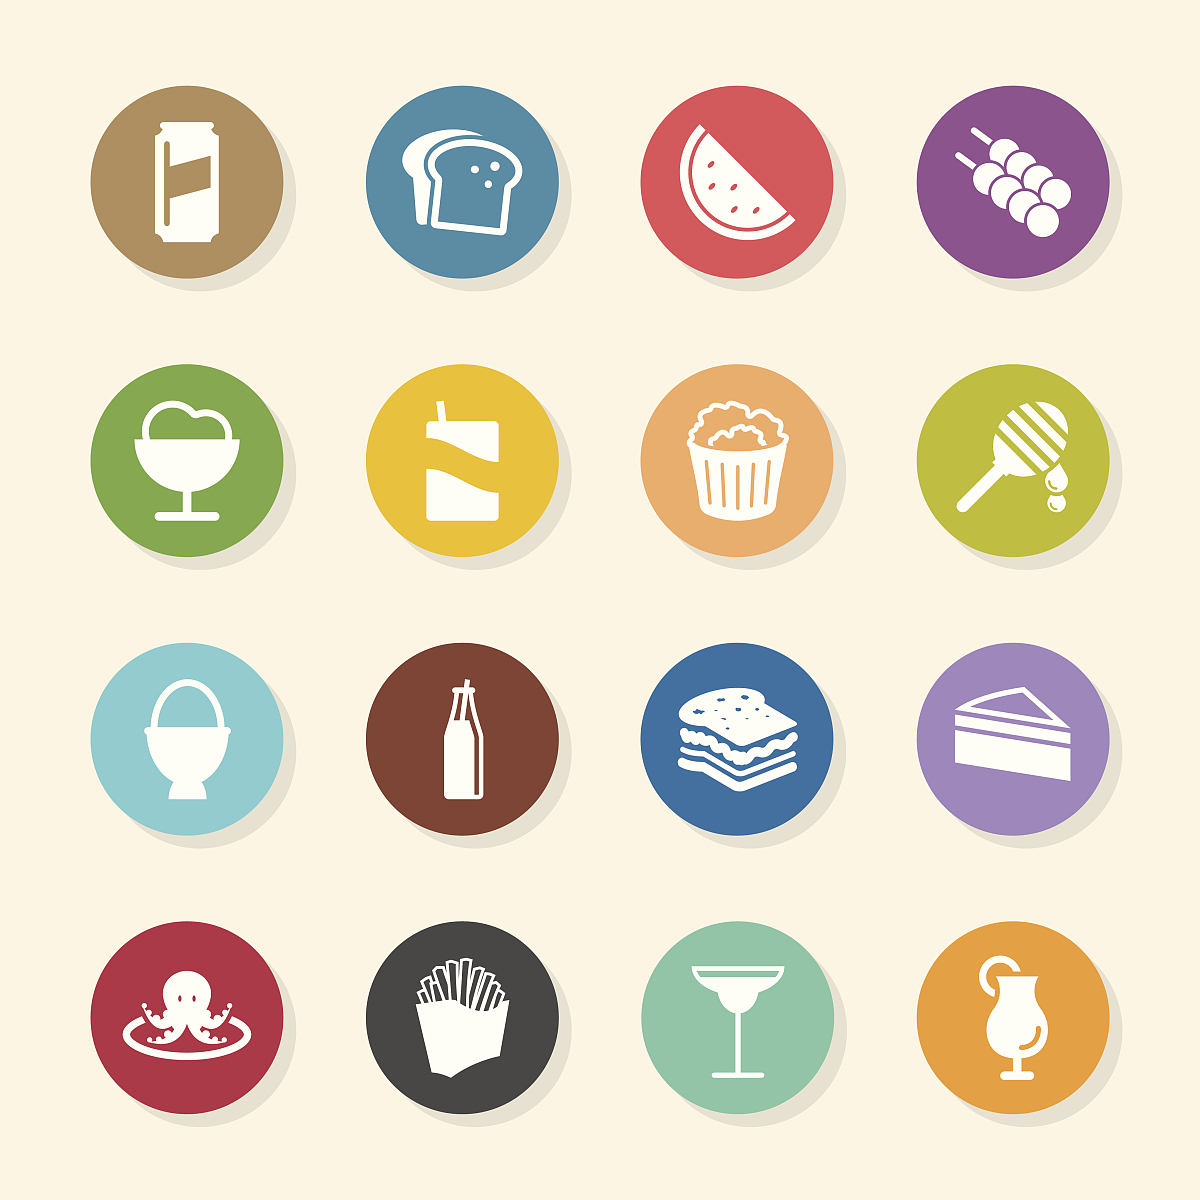 蜜蜂,水果,糖,计算机图标,炸薯条,甜点心,爆米花,三明治,吸管,格子图片